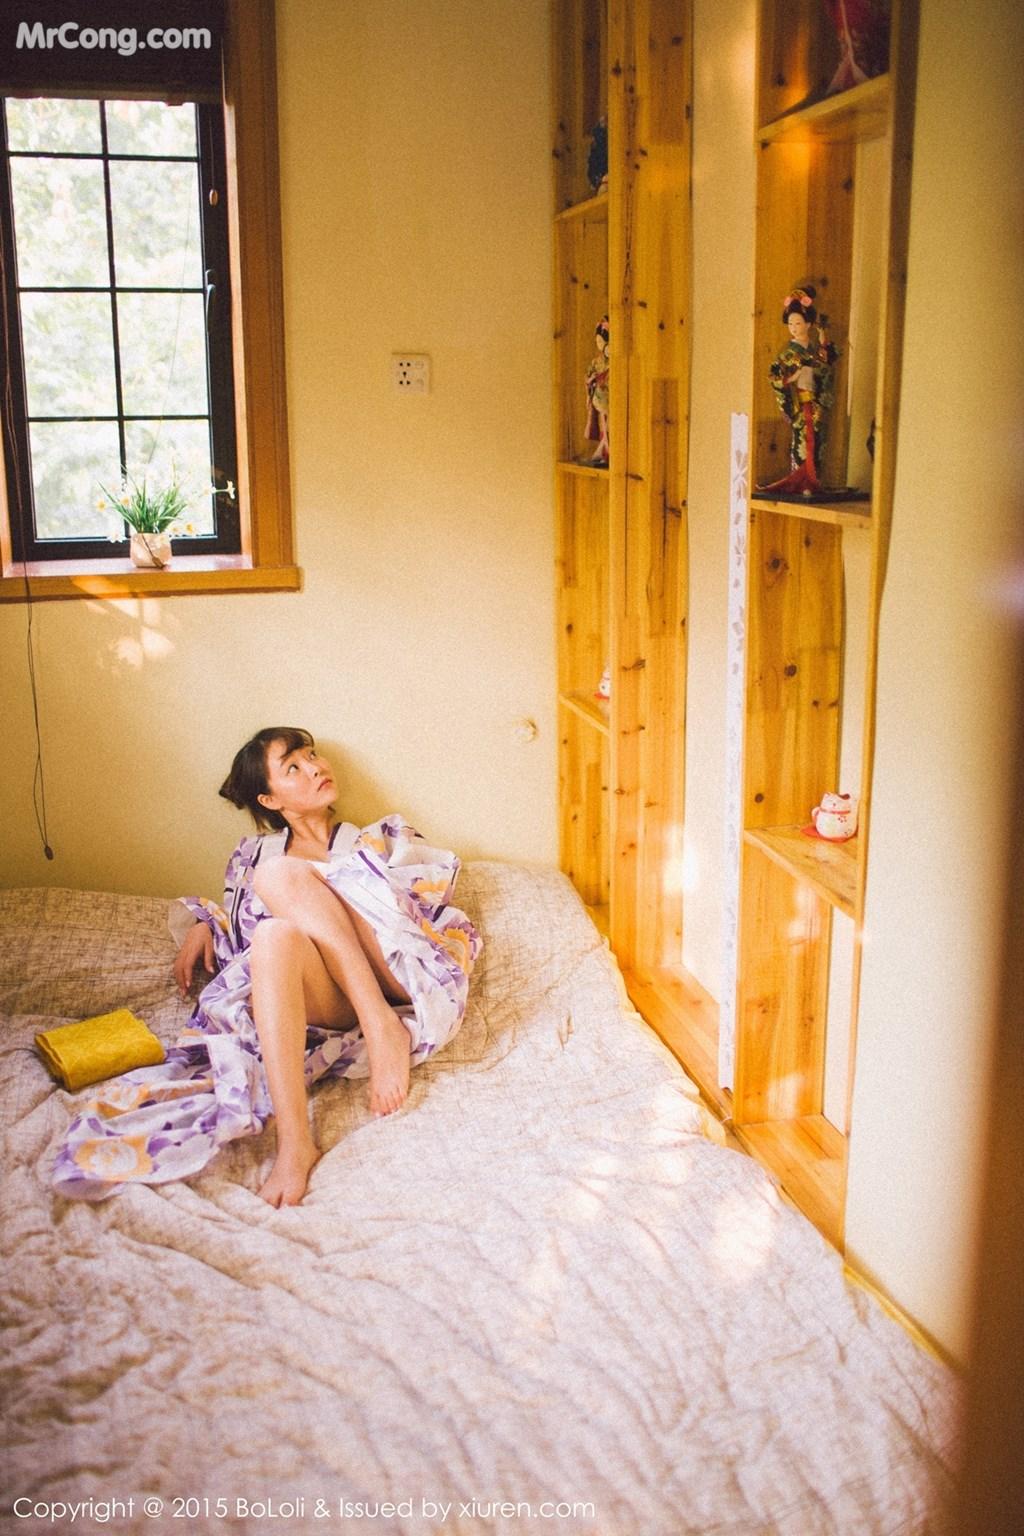 Image BoLoli-2017-09-21-Vol.122-Liu-You-Qi-Sevenbaby-MrCong.com-002 in post BoLoli 2017-09-21 Vol.122: Người mẫu Liu You Qi Sevenbaby (柳侑绮) (55 ảnh)